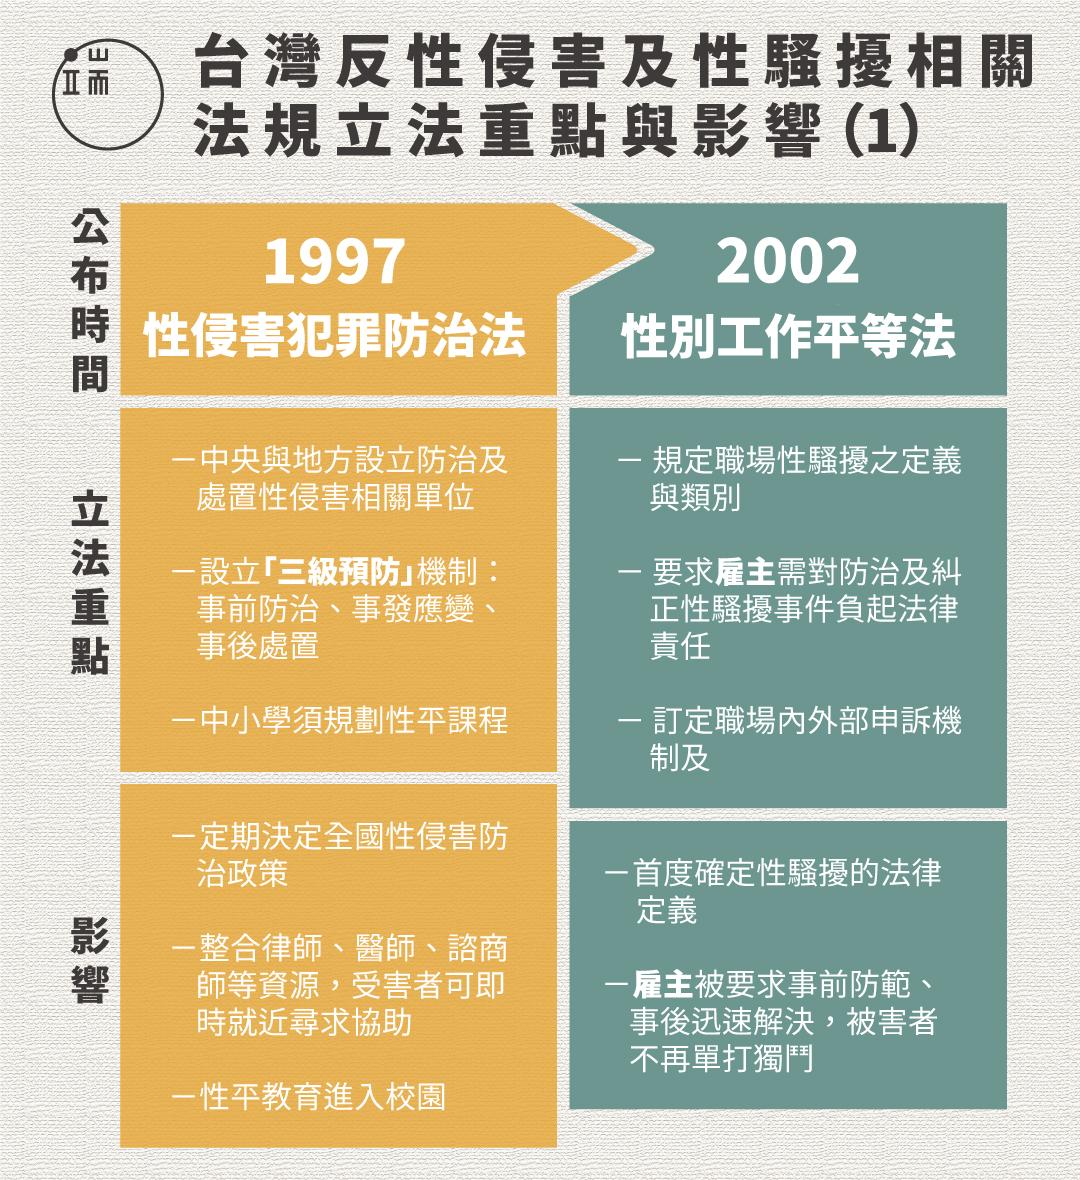 台灣反性侵害及性騷擾相關法規立法重點與影響(1)圖:端傳媒設計部